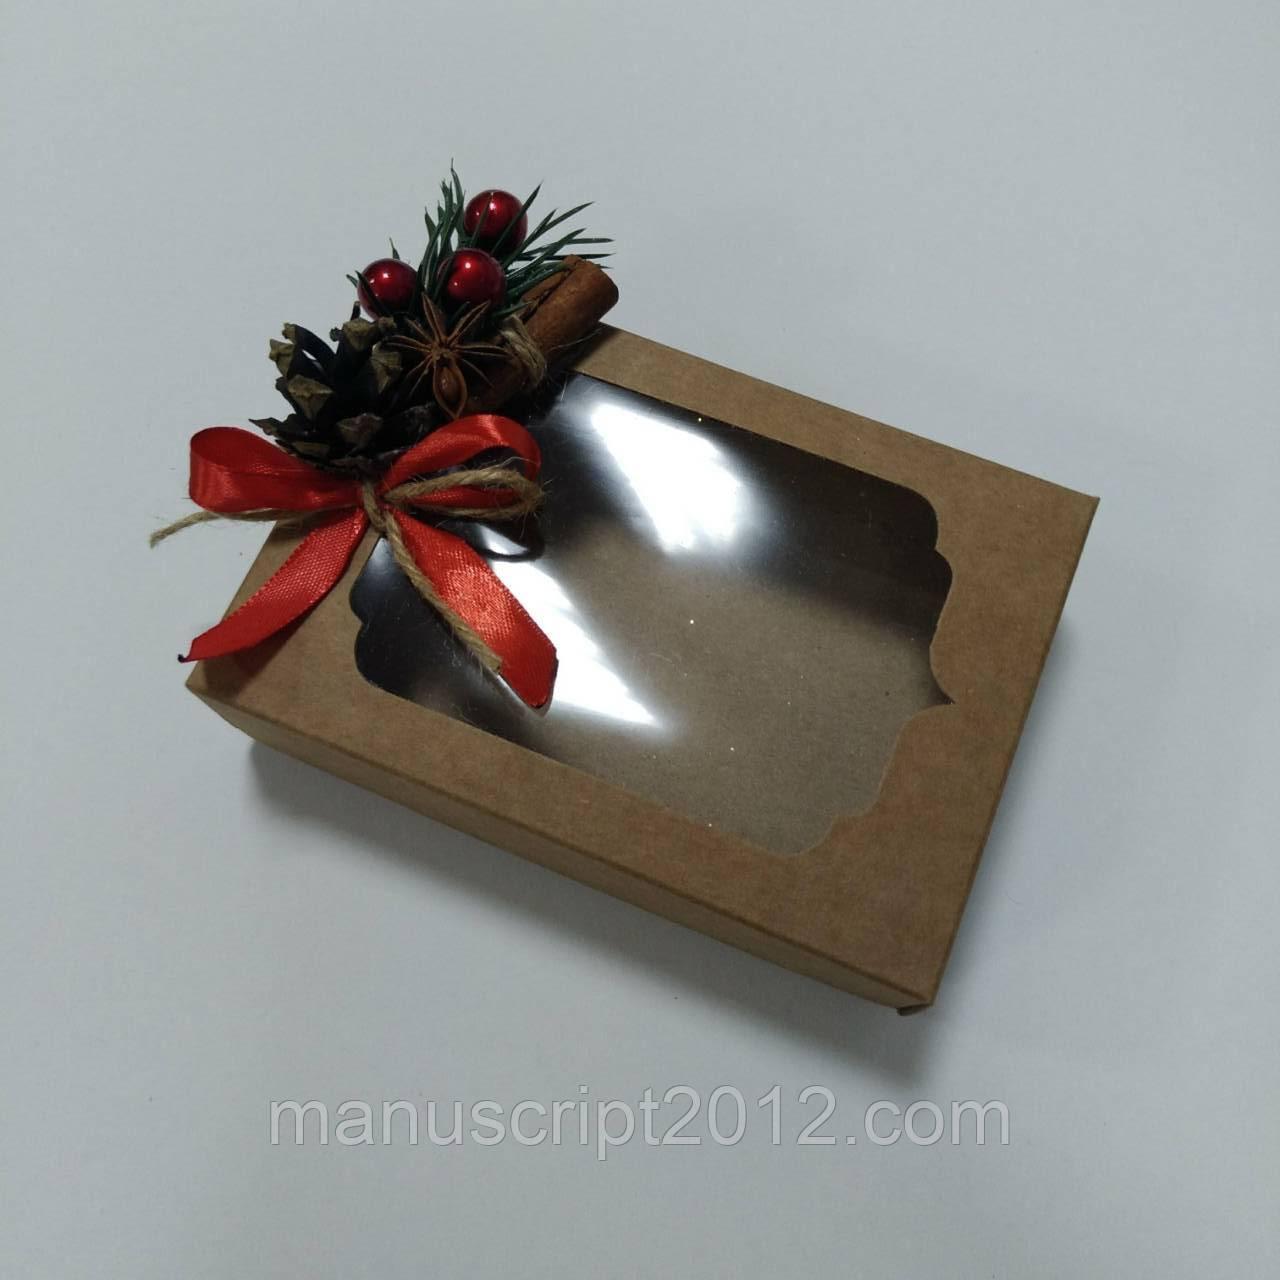 Коробка для подарков с новогодним декором 130х90х35 мм